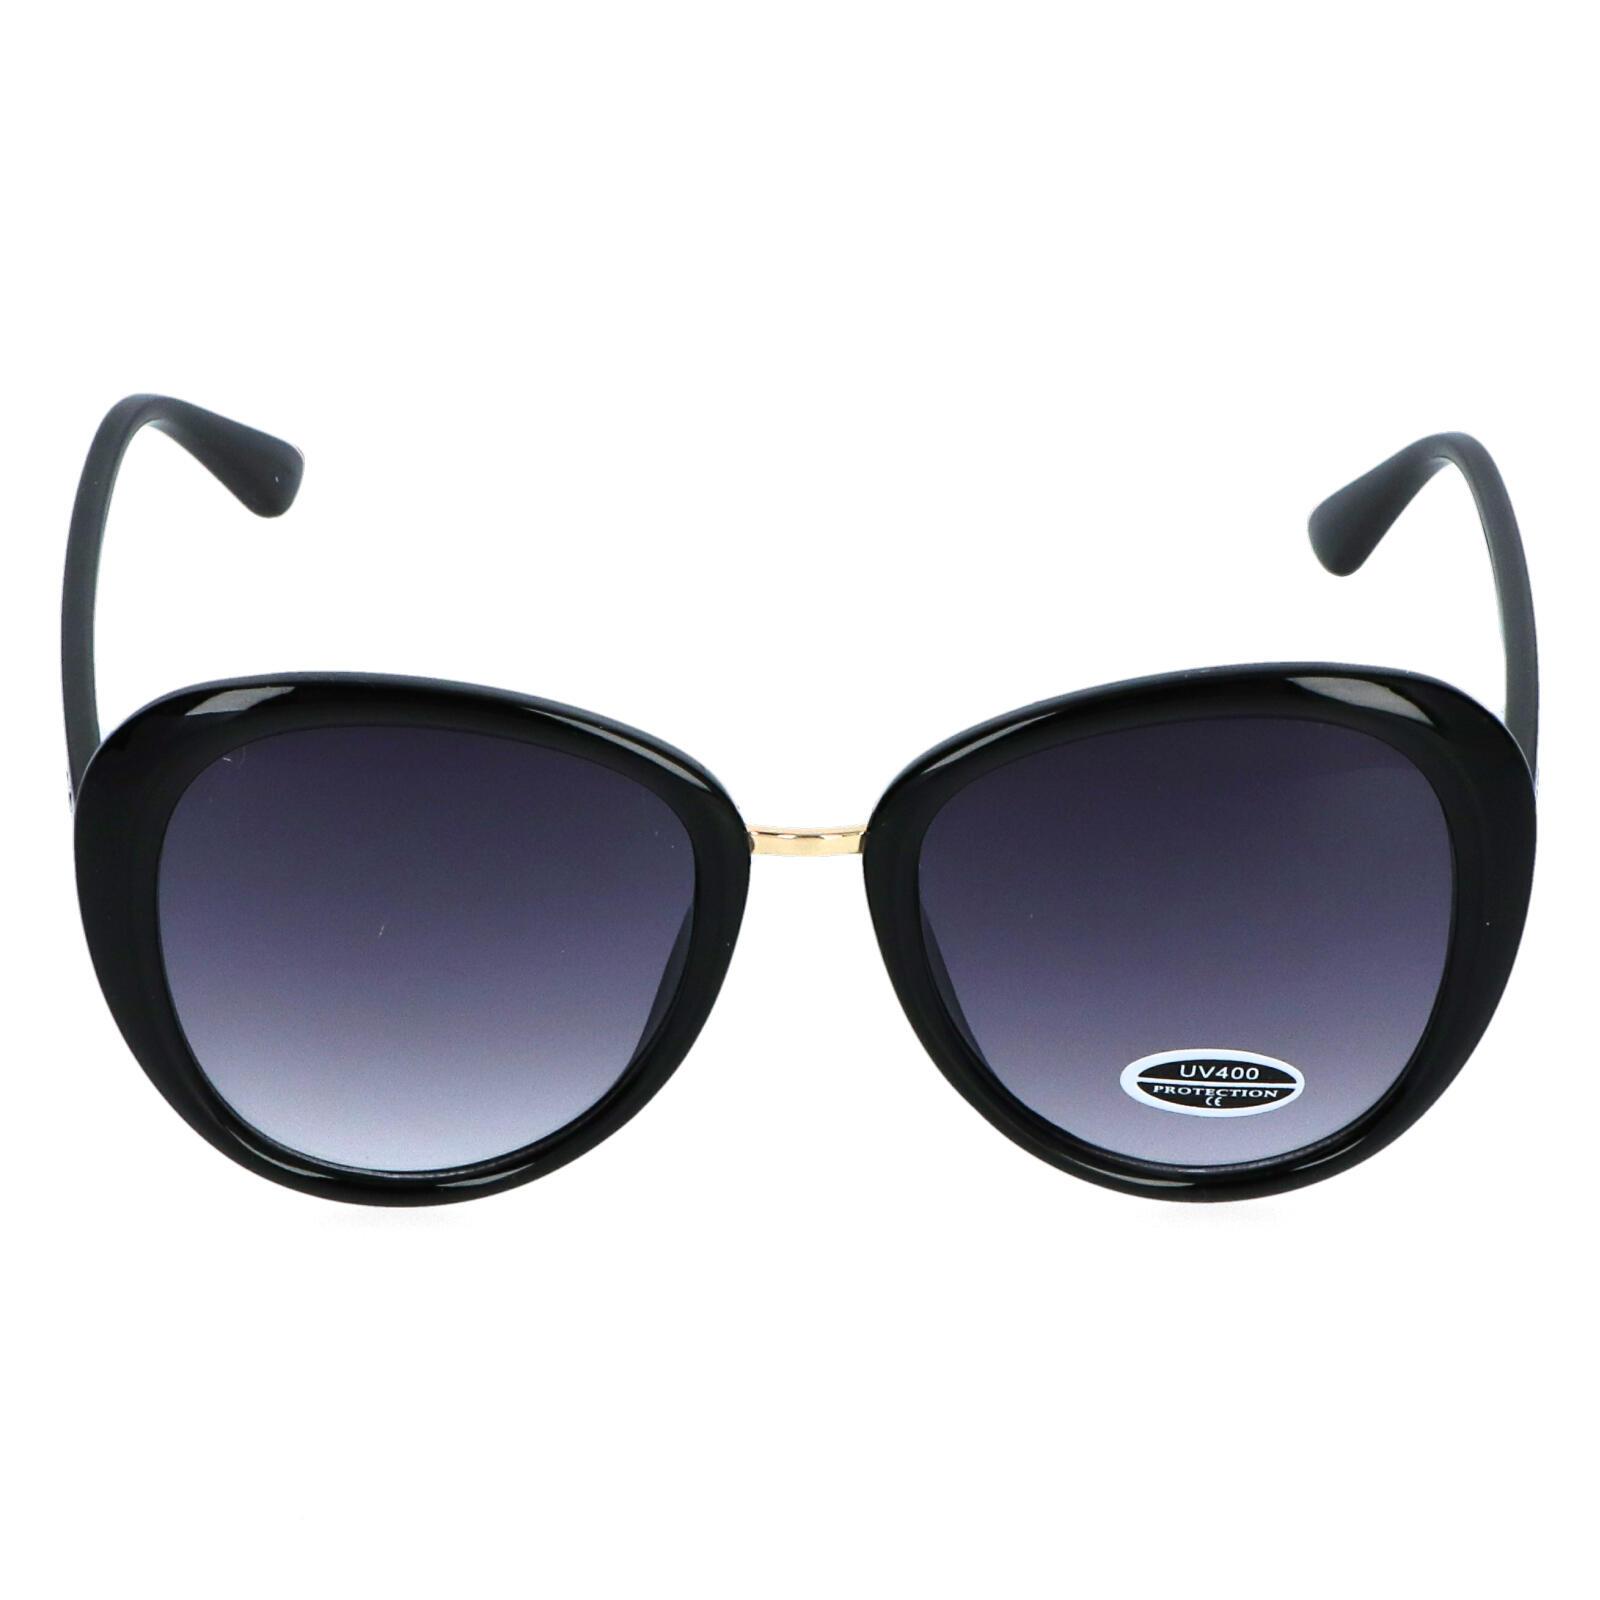 Dámske slnečné okuliare čierne - S3336